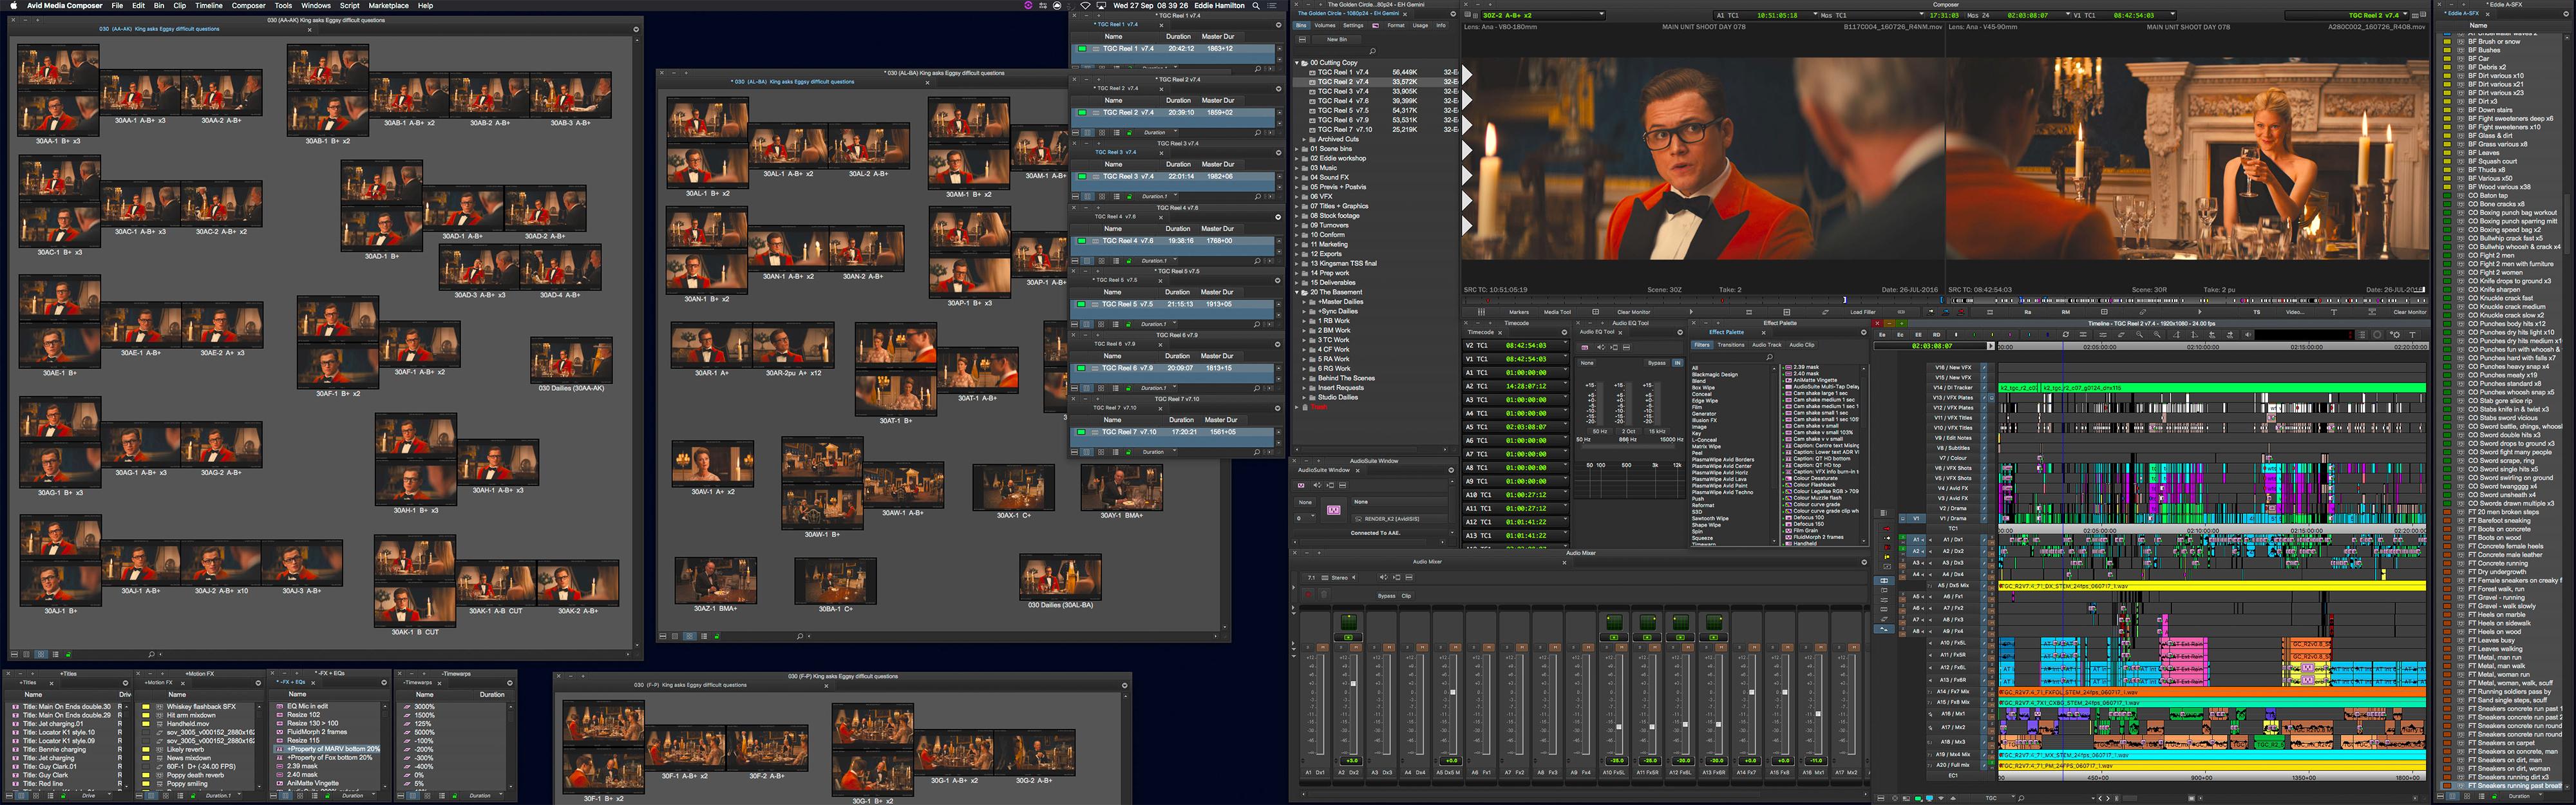 Avid Media Composer Kingsman timeline